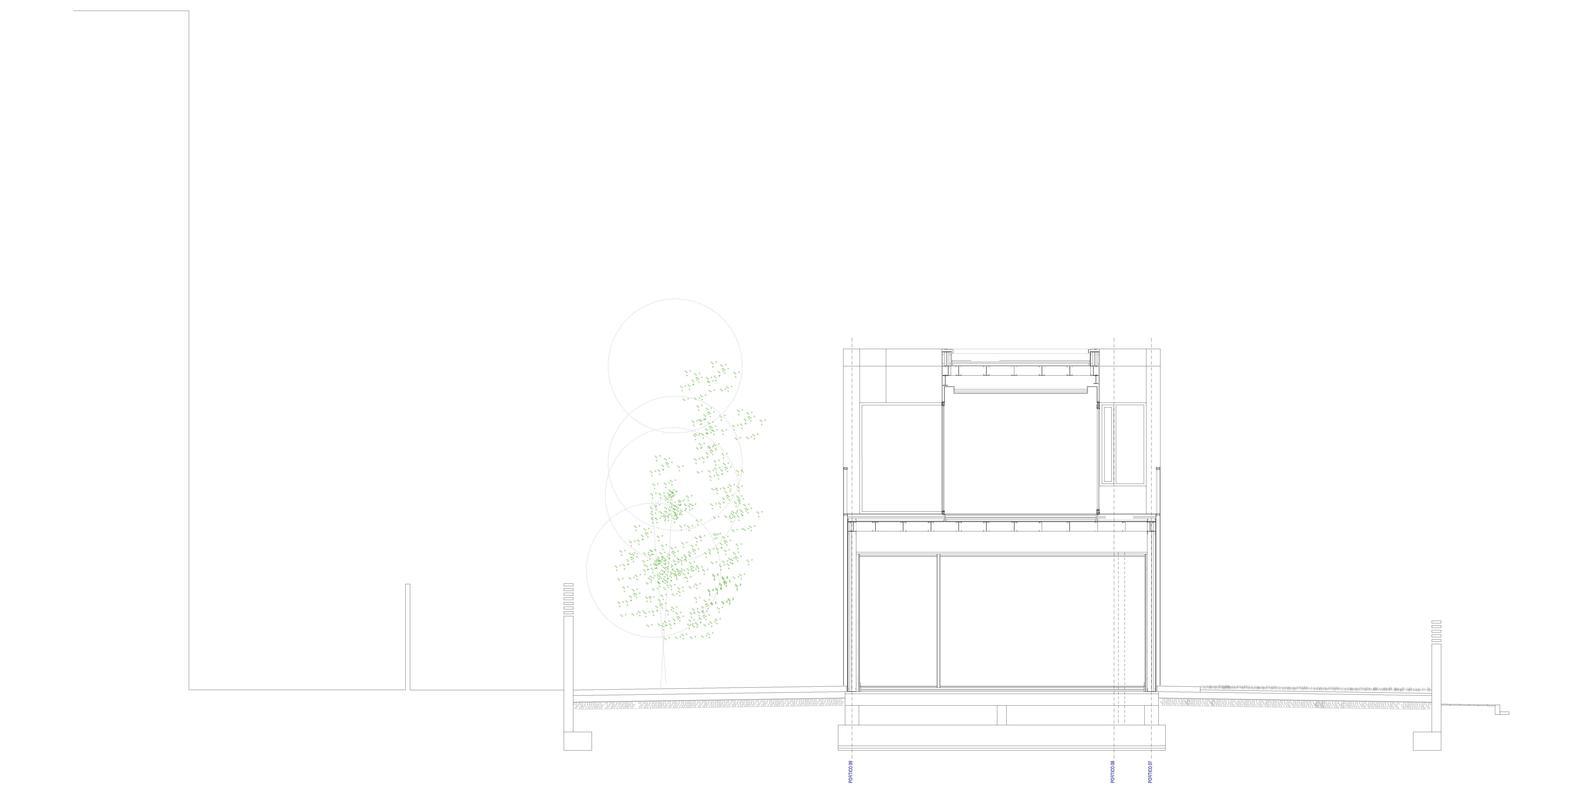 Bố trí mặt bằng - Castelldefels House - mặt cắt - 3